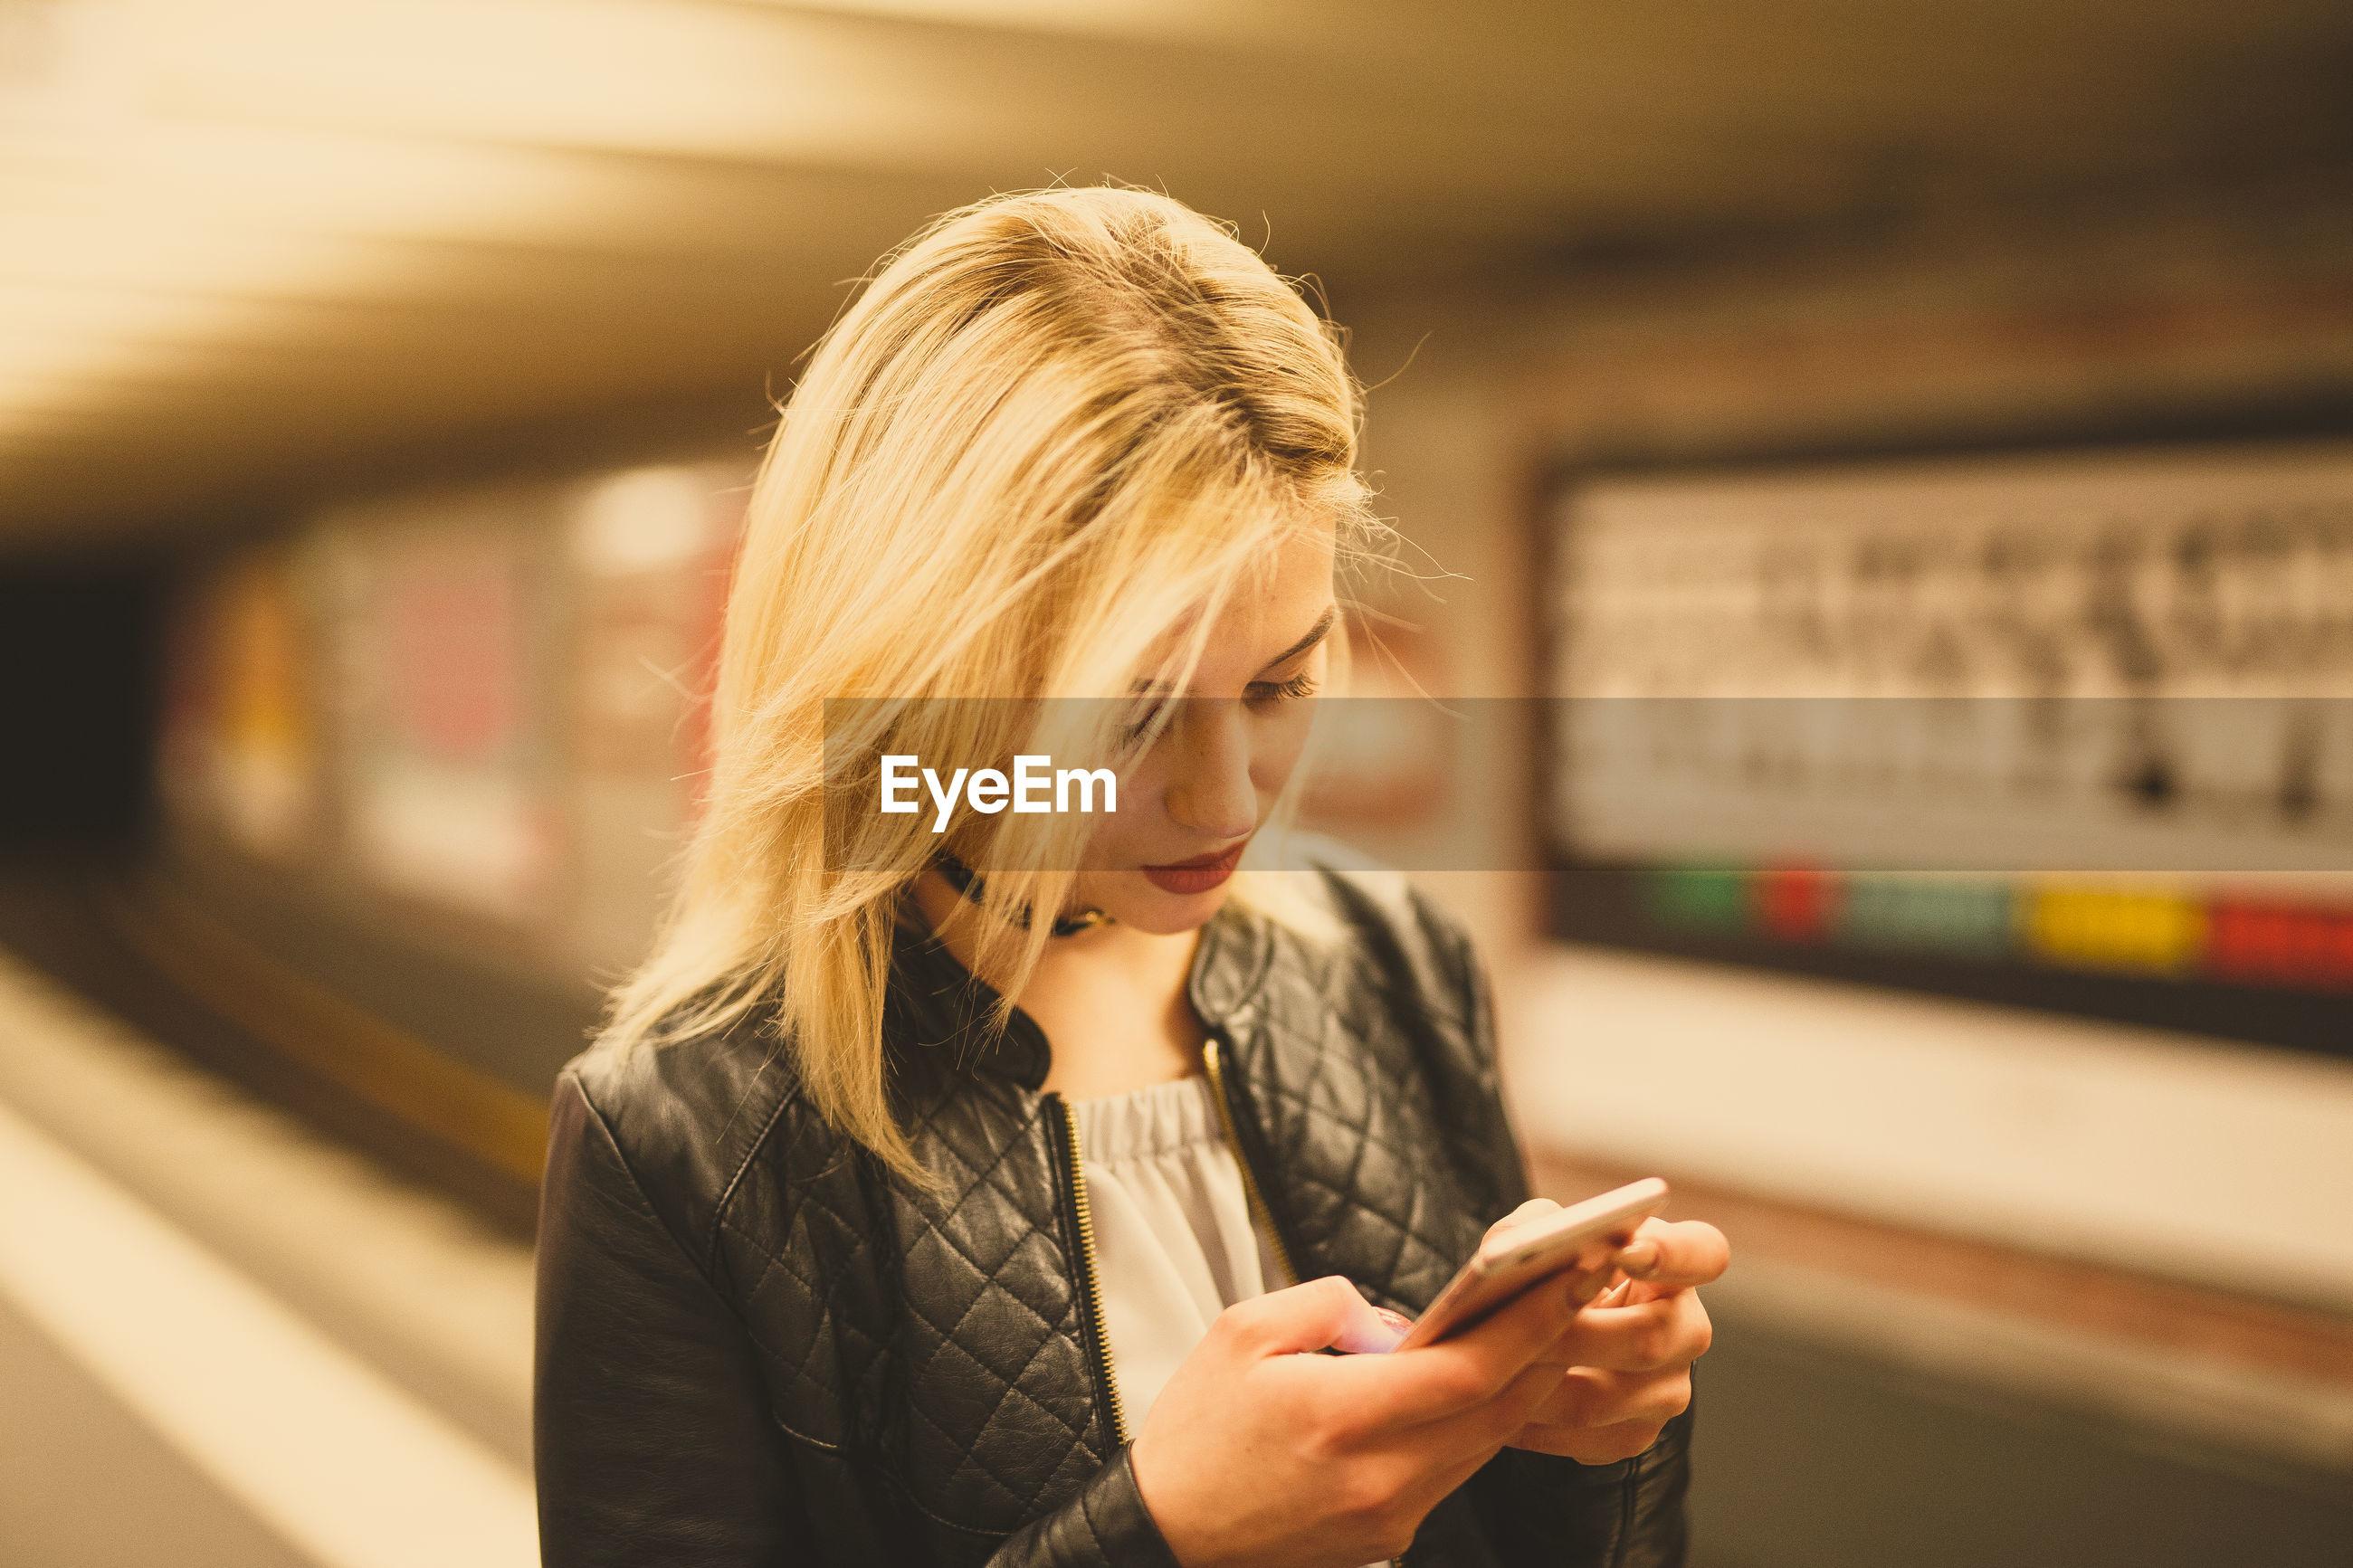 Young woman using phone at subway station